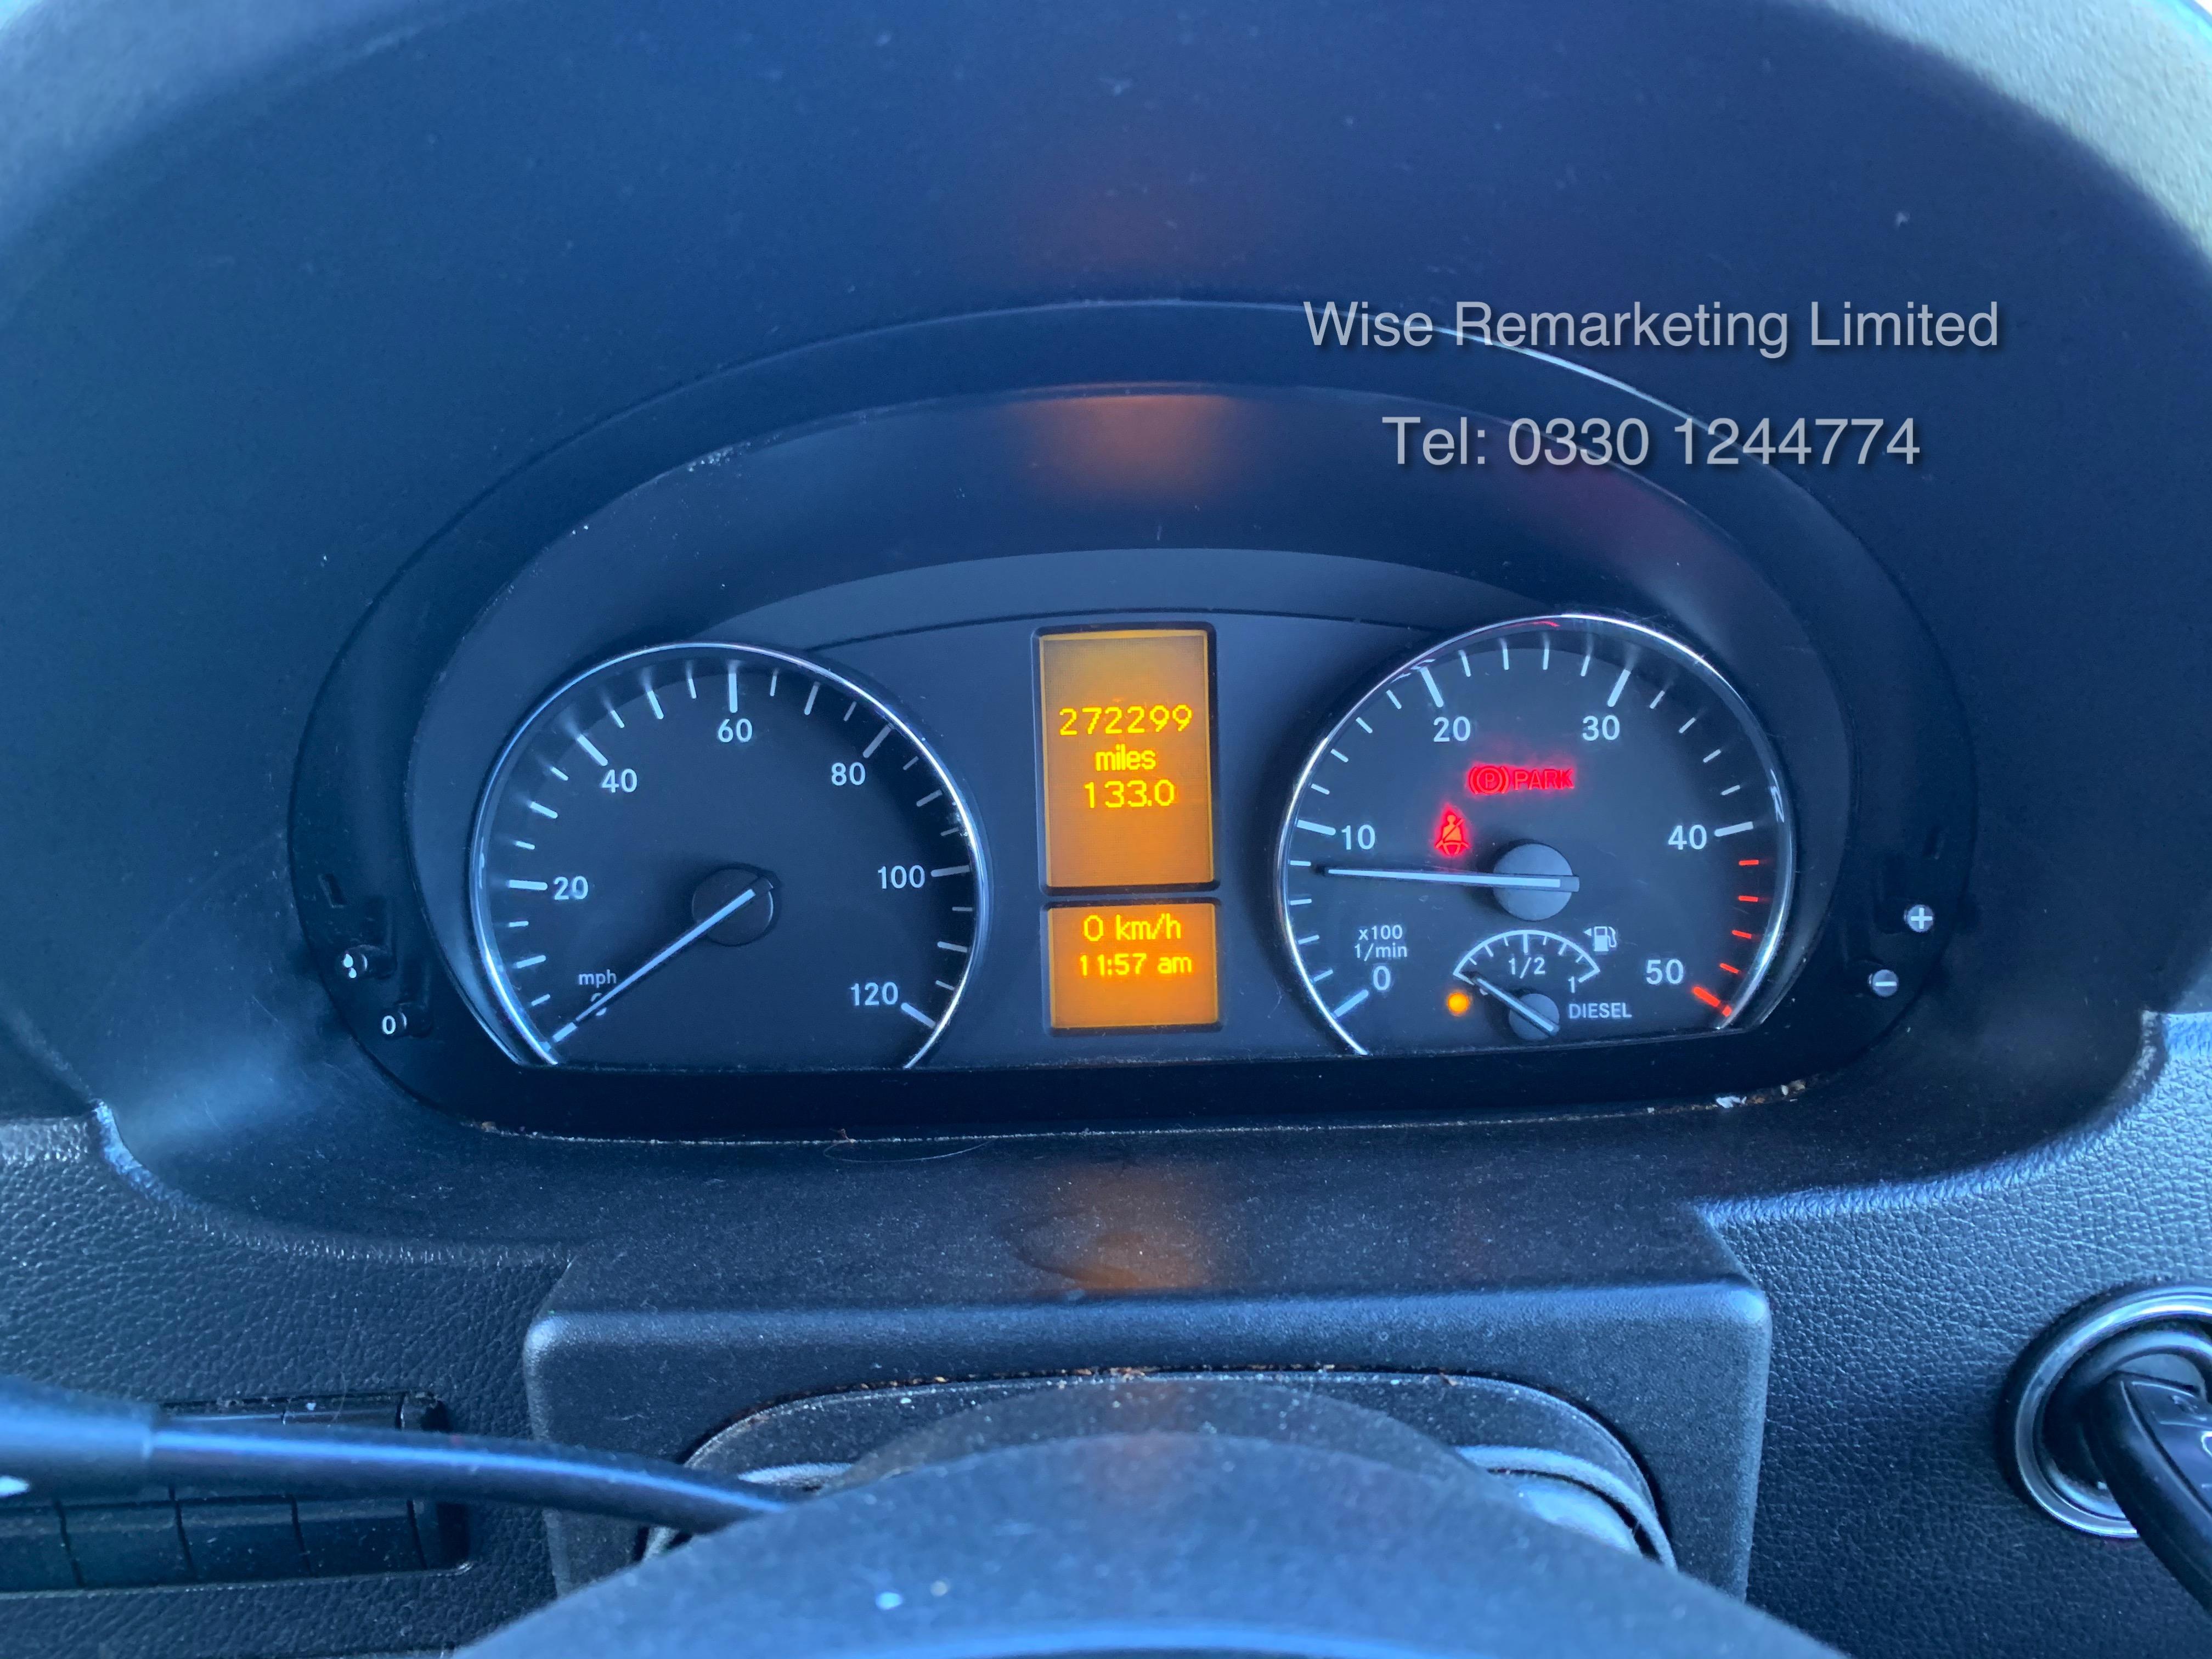 (RESERVE MET) Mercedes Sprinter 316 2.1 CDI Long Wheel Base High Roof Van - 2014 Model - 1 Owner - Image 19 of 19